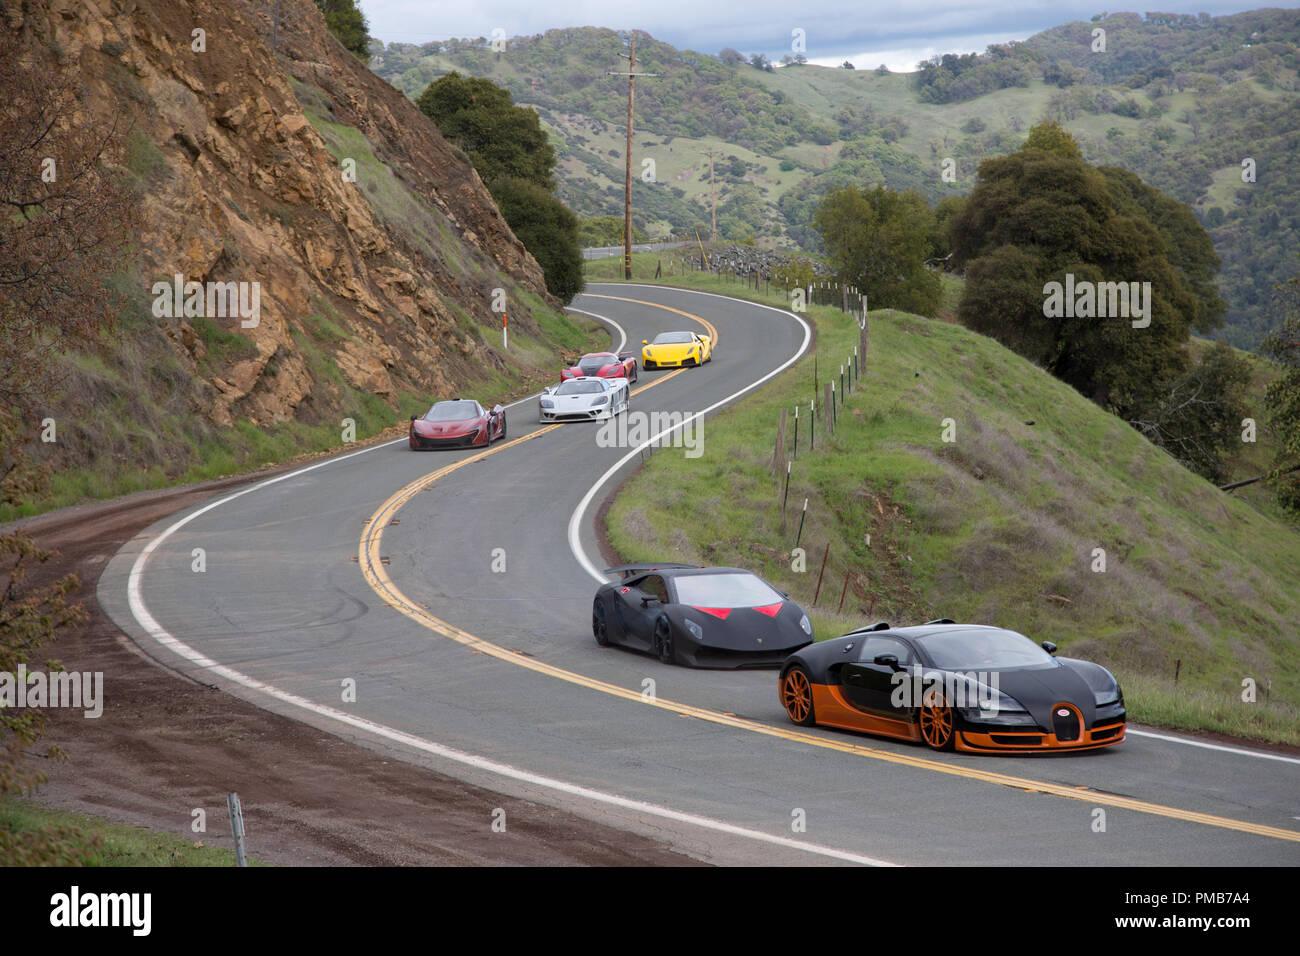 """In DreamWorks Pictures' """"Bisogno di velocità,"""" il De Leon gara europea funzioni supercars, che includono: una svedese Koenigsegg Agera R, una Lamborghini sesto elemento, un Spano GTA, una Bugatti Veyron e McLaren P-1, tutti dei quali sono stati presentati in video giochi e una Saleen S7. Tutte e sei le supercars aveva un GM LS3 motore, 430 cavalli, 425-libbre di piede di coppia e pesato vicino a 3.200 libbre. In un emozionante ritorno alla grande cultura auto film degli anni sessanta e settanta che tocca in che cosa rende il mito americano della strada aperta così attraenti, """"Bisogno di velocità"""" cronache un quasi impossibile cross-country ra Immagini Stock"""